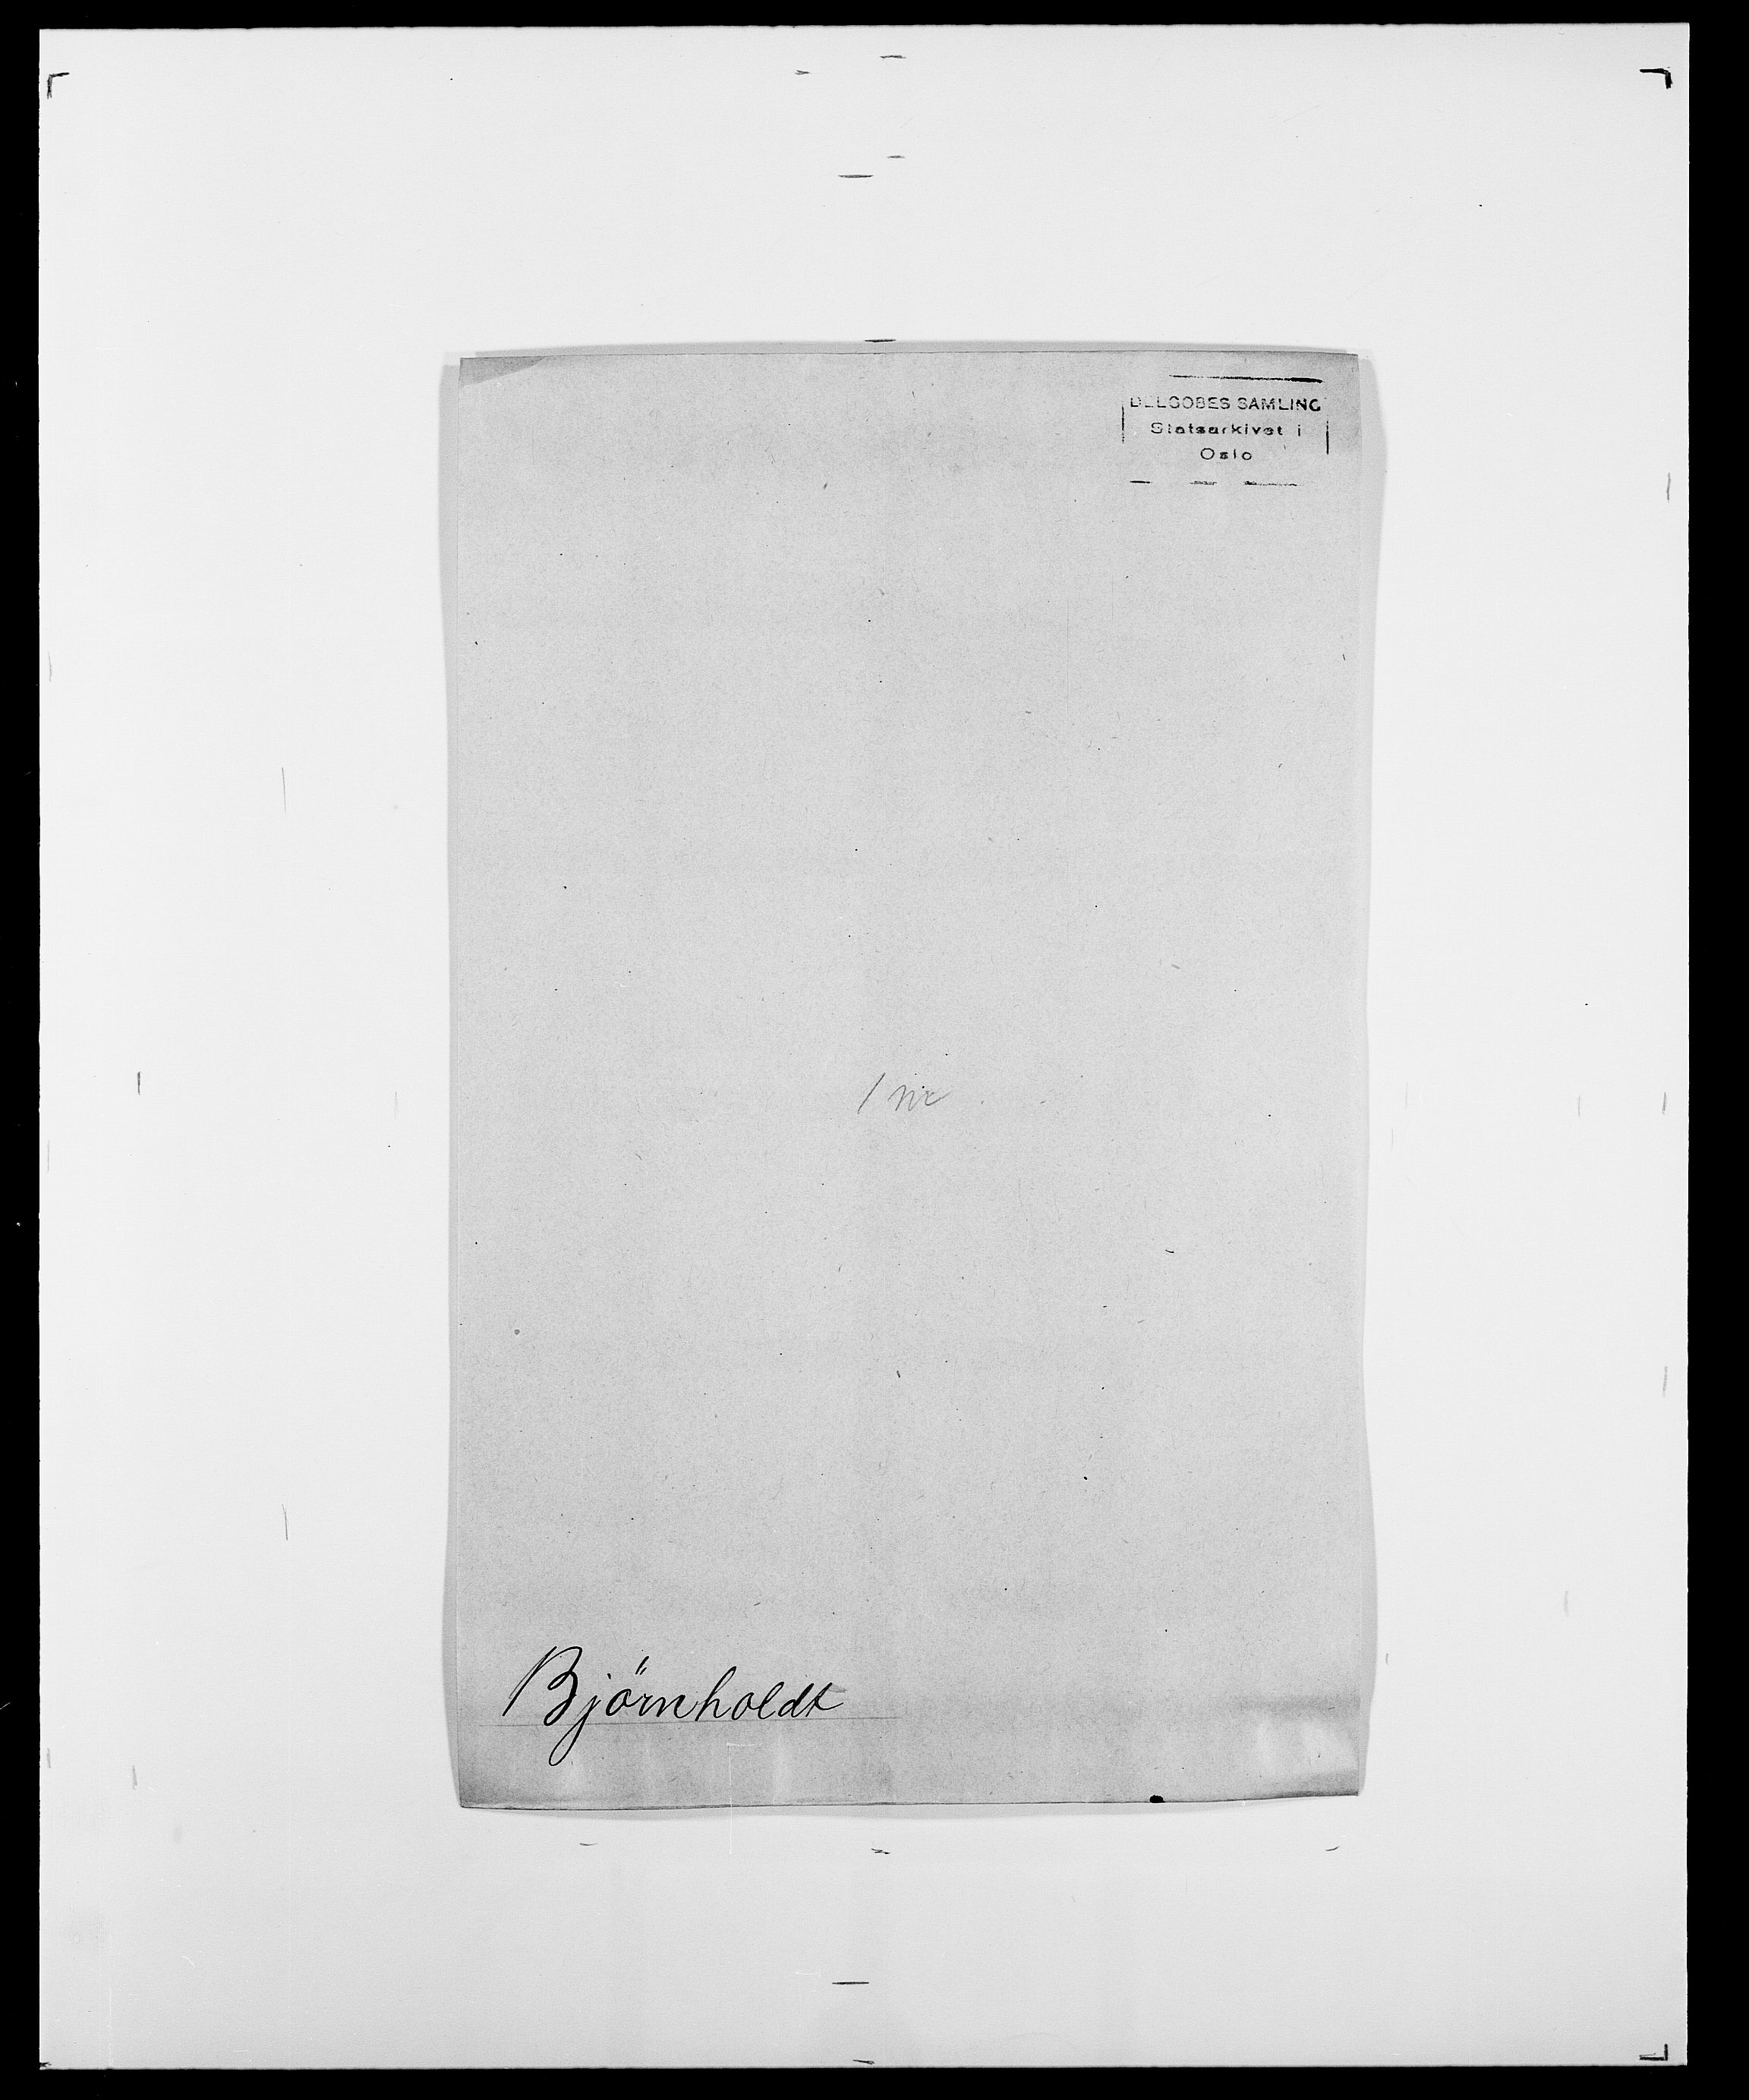 SAO, Delgobe, Charles Antoine - samling, D/Da/L0004: Bergendahl - Blære, s. 465